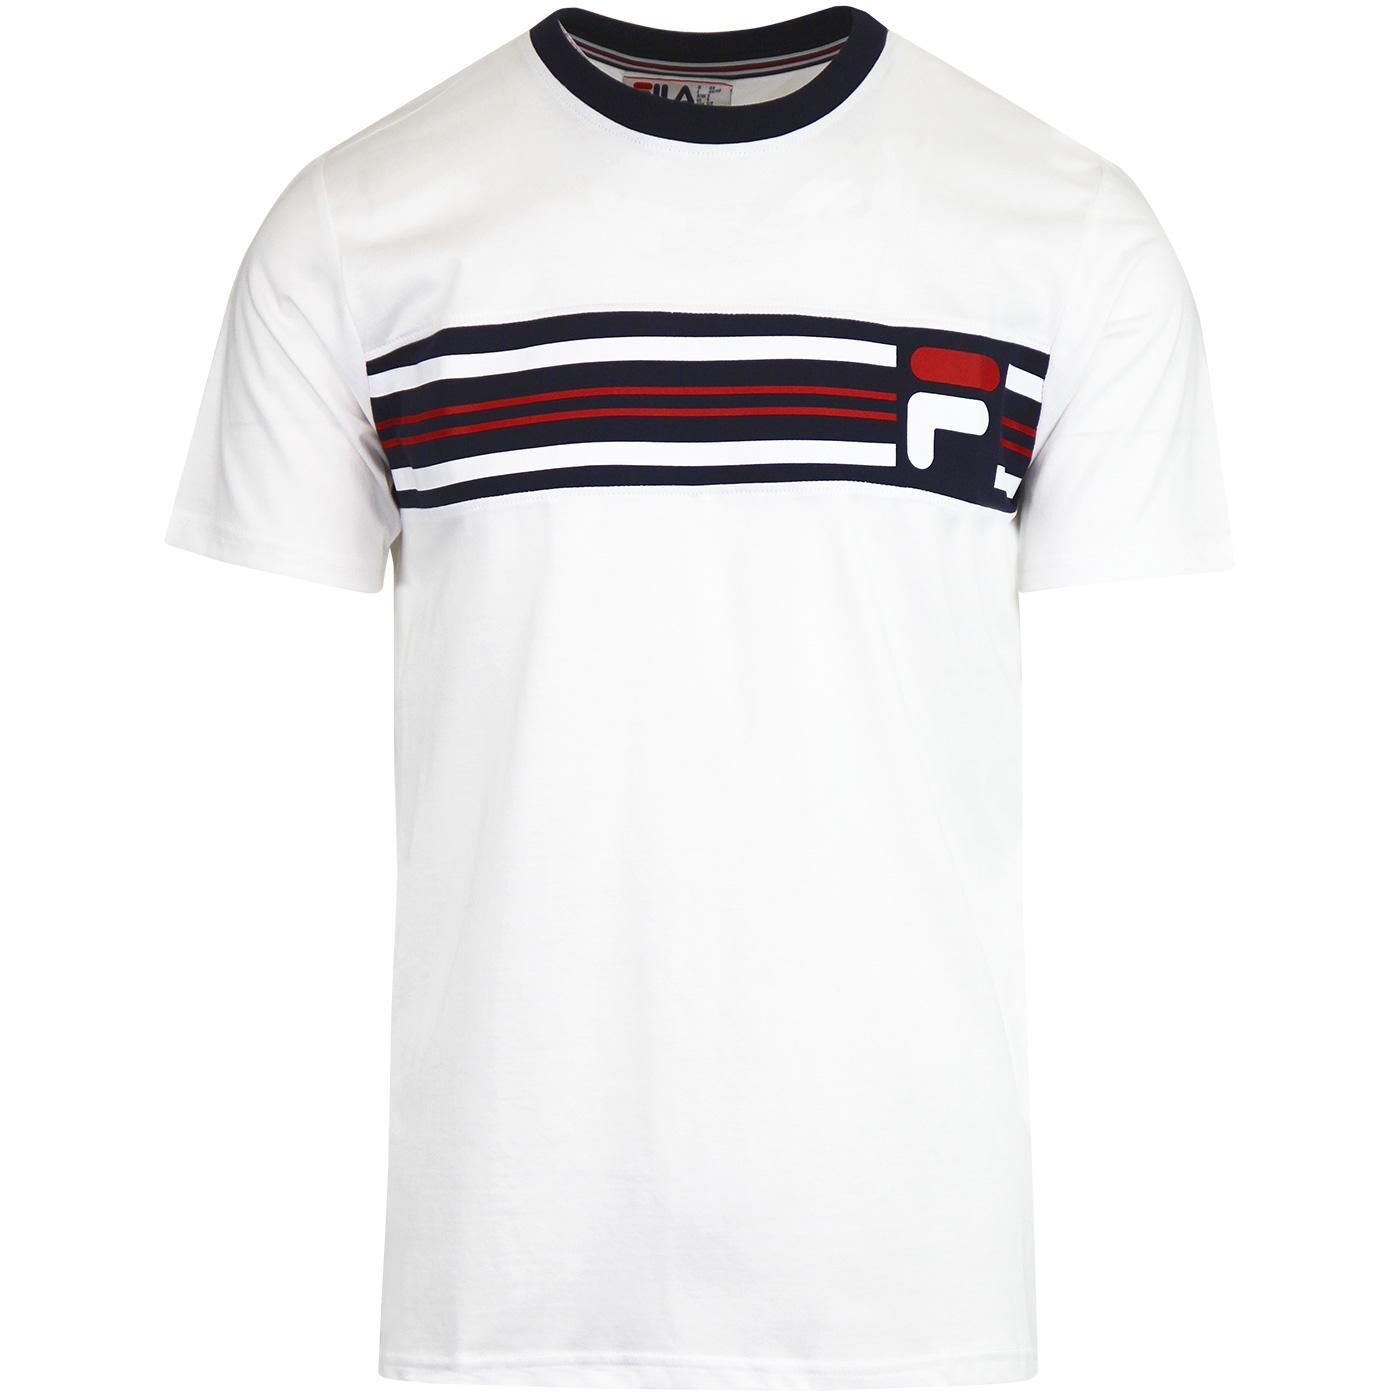 Bruno 3 FILA VINTAGE 1980s Cut & Sew T-shirt (W/P)